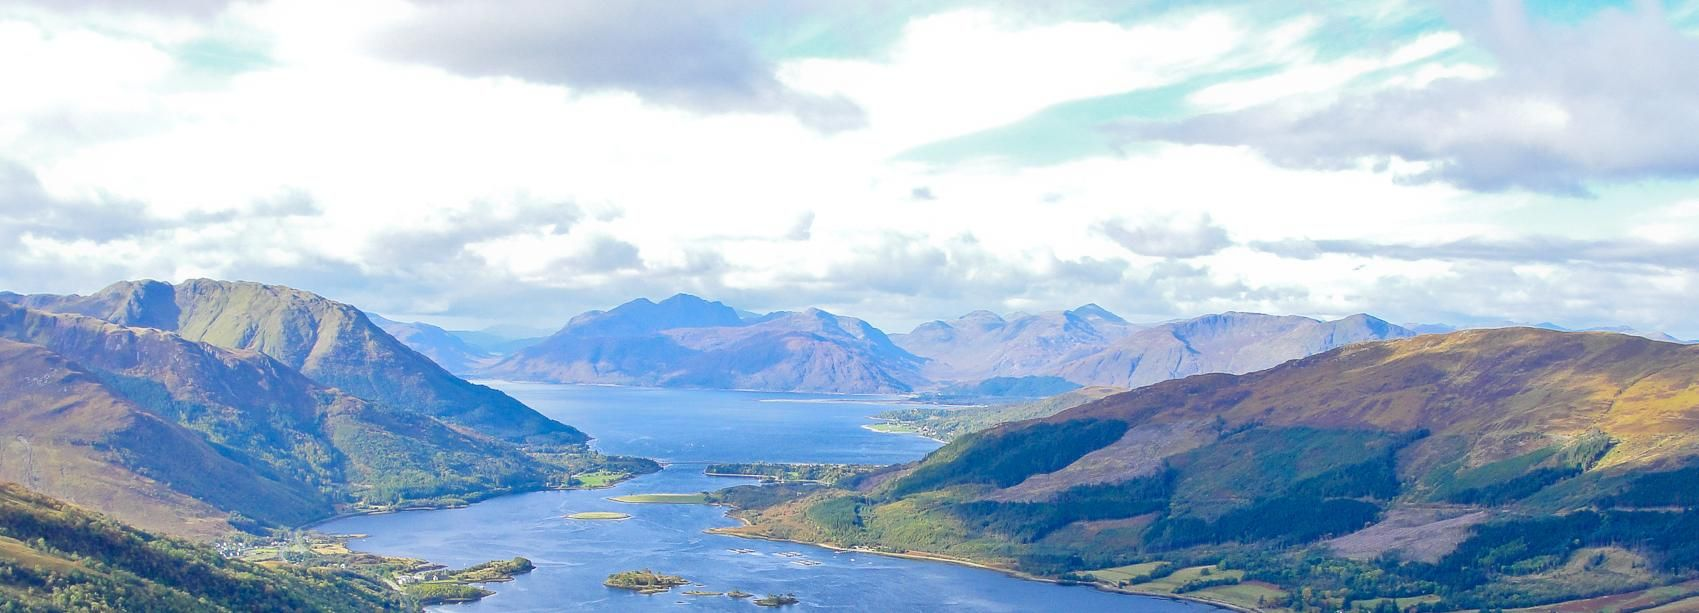 Desde Glasgow: Lago Ness, Glencoe y las Tierras Altas